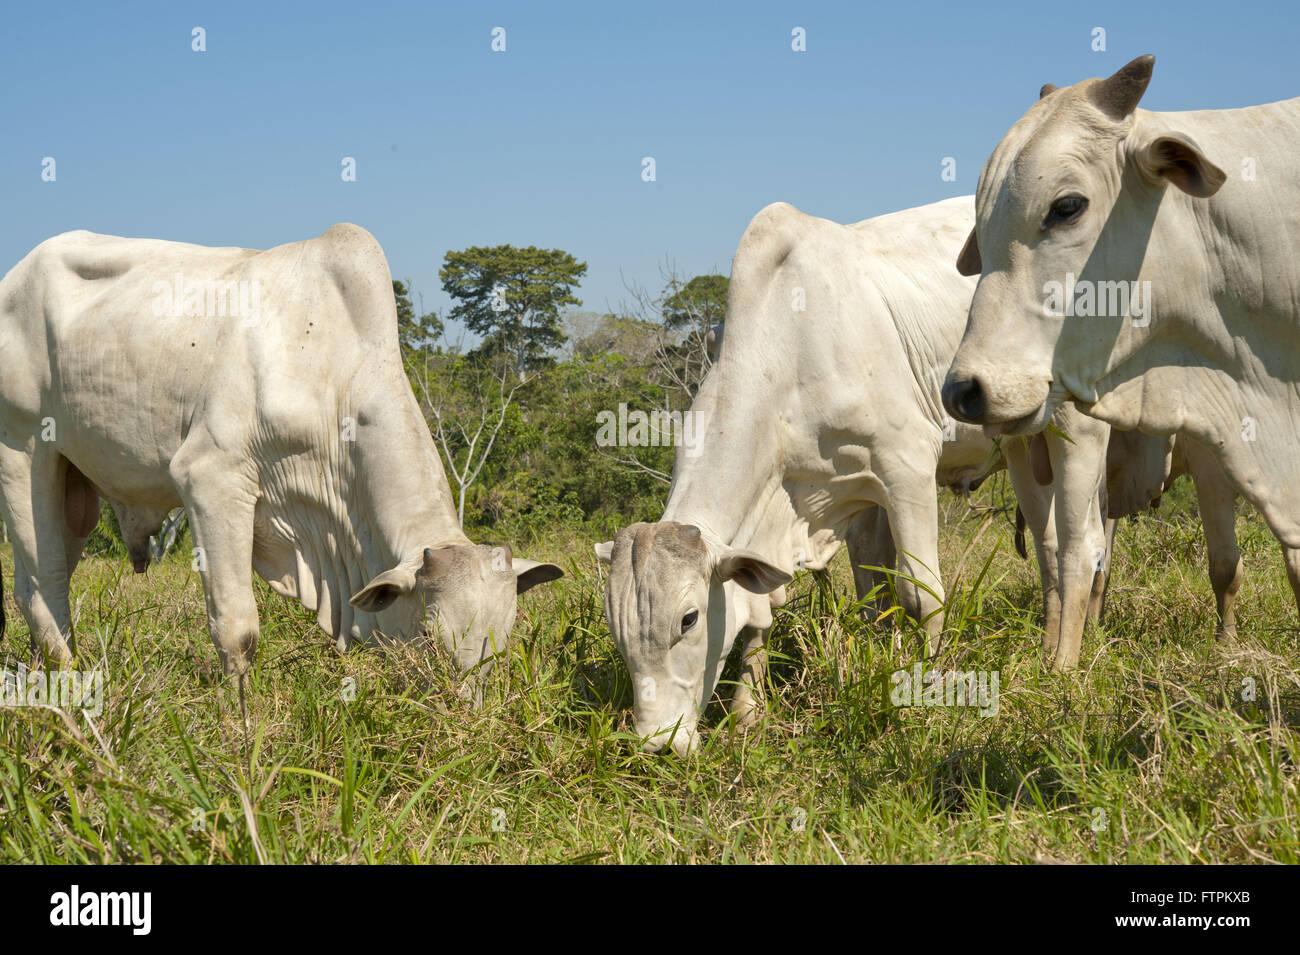 Création de bovins dans la zone déboisée amazon - Acre Photo Stock